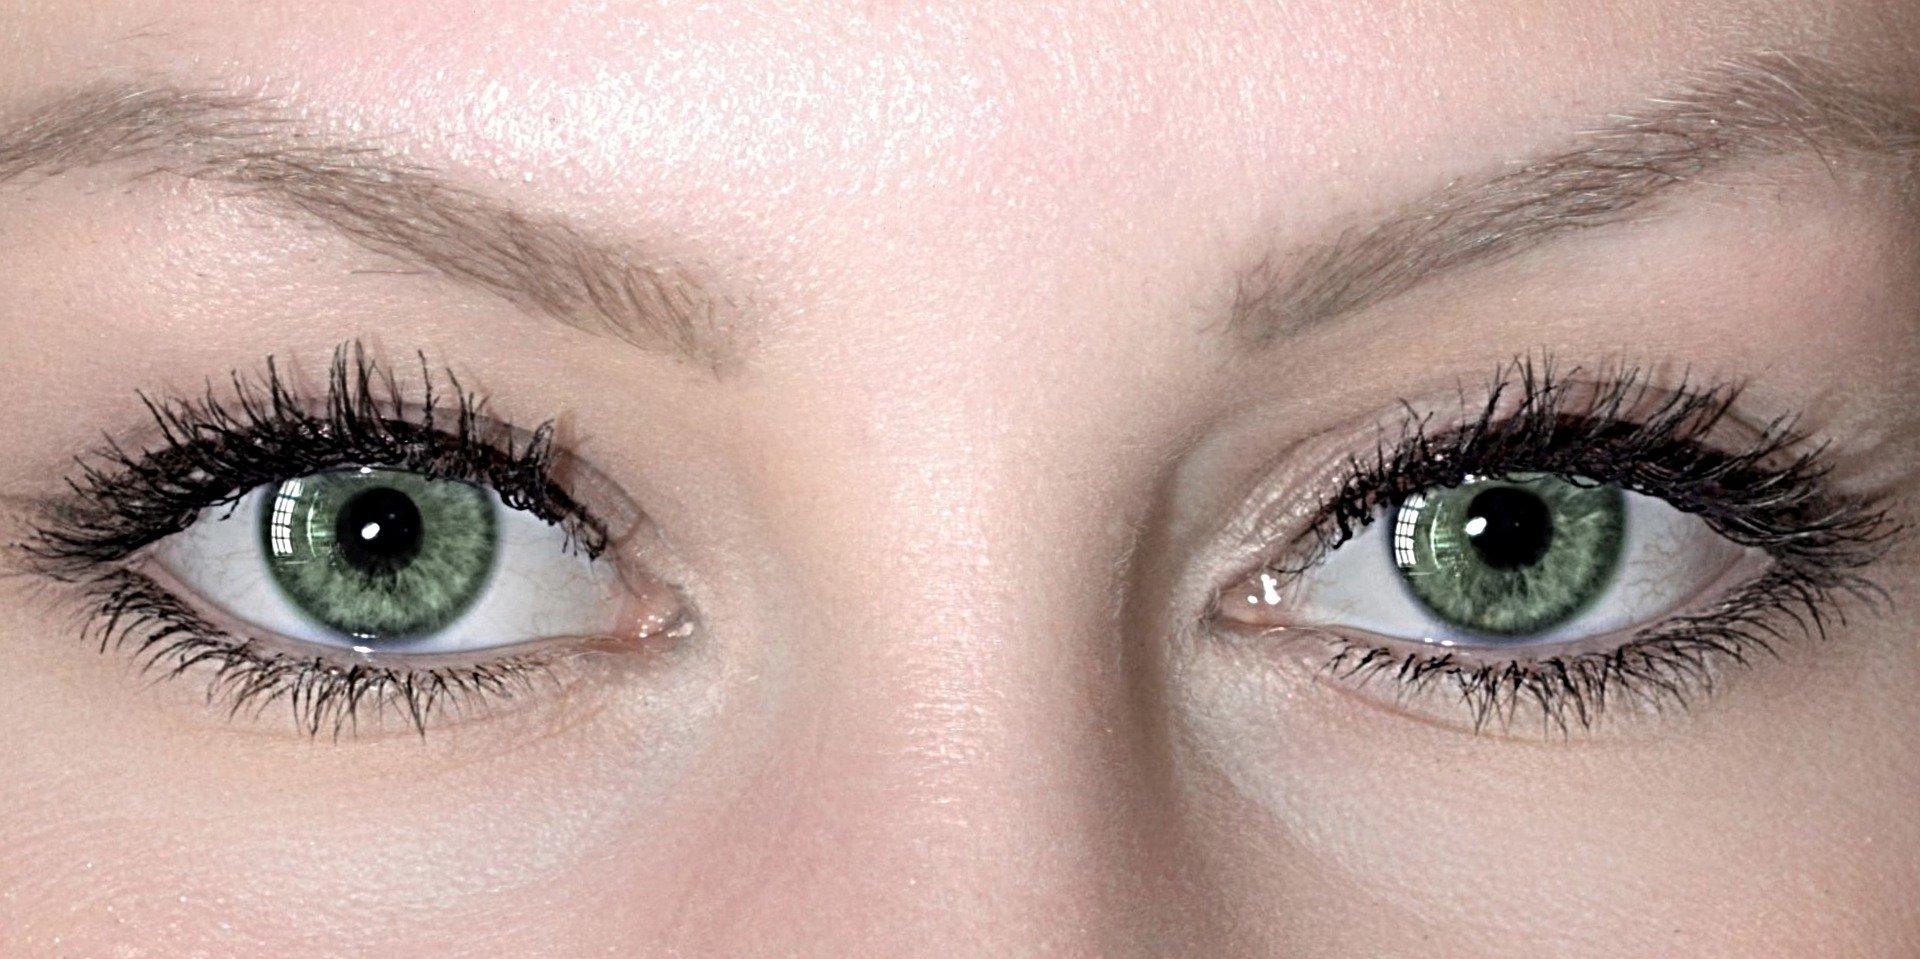 """눈 모양에 따라 달라"""" 내게 맞는 쌍꺼풀 수술법은? < 뷰티/패션 < 기사본문 - fn아이포커스"""